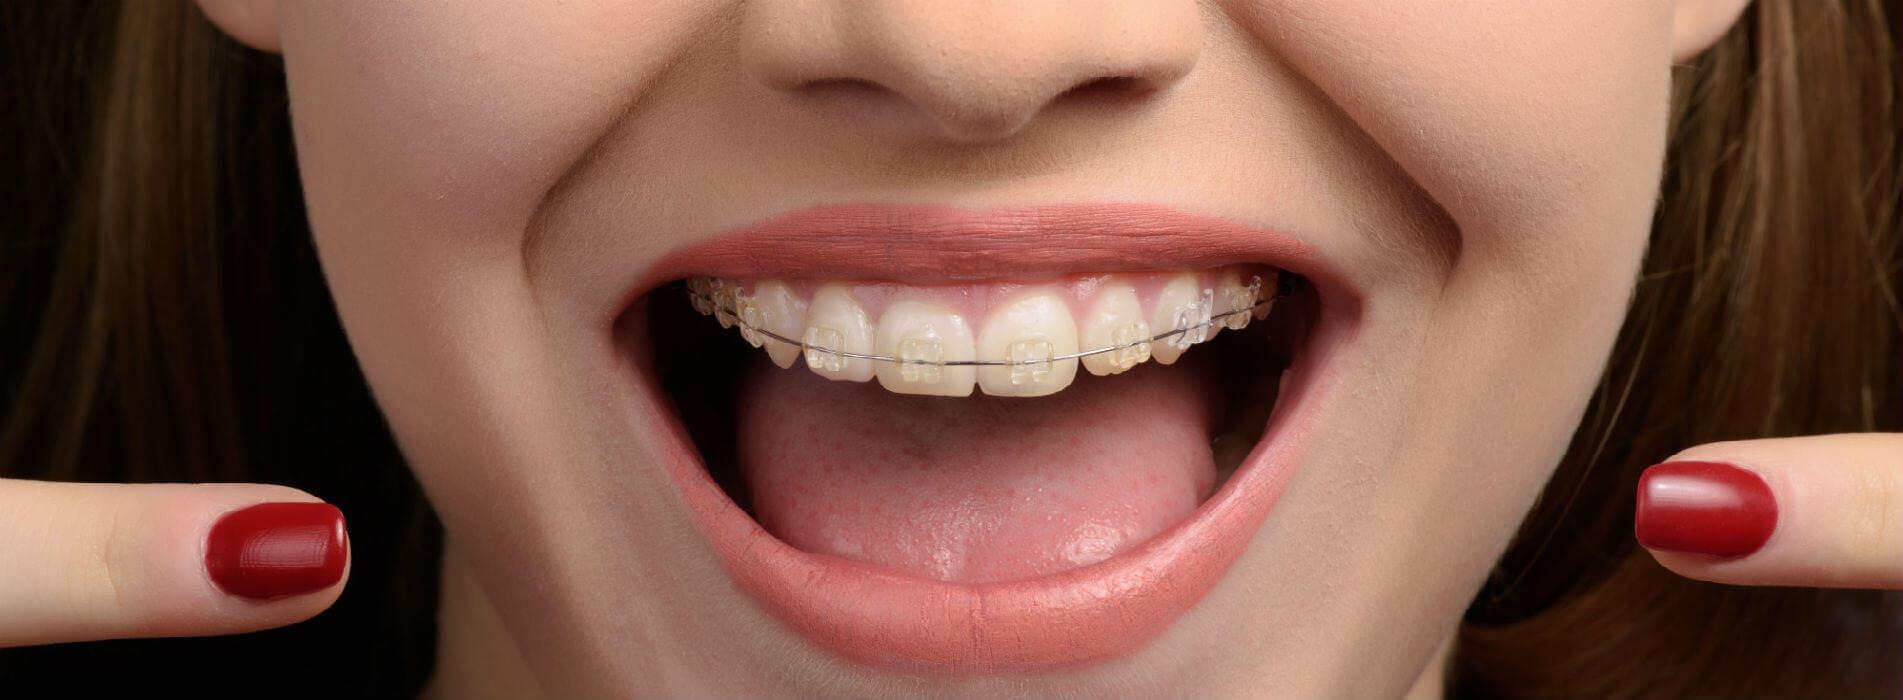 Brackets ortodoncistas ortodoncia